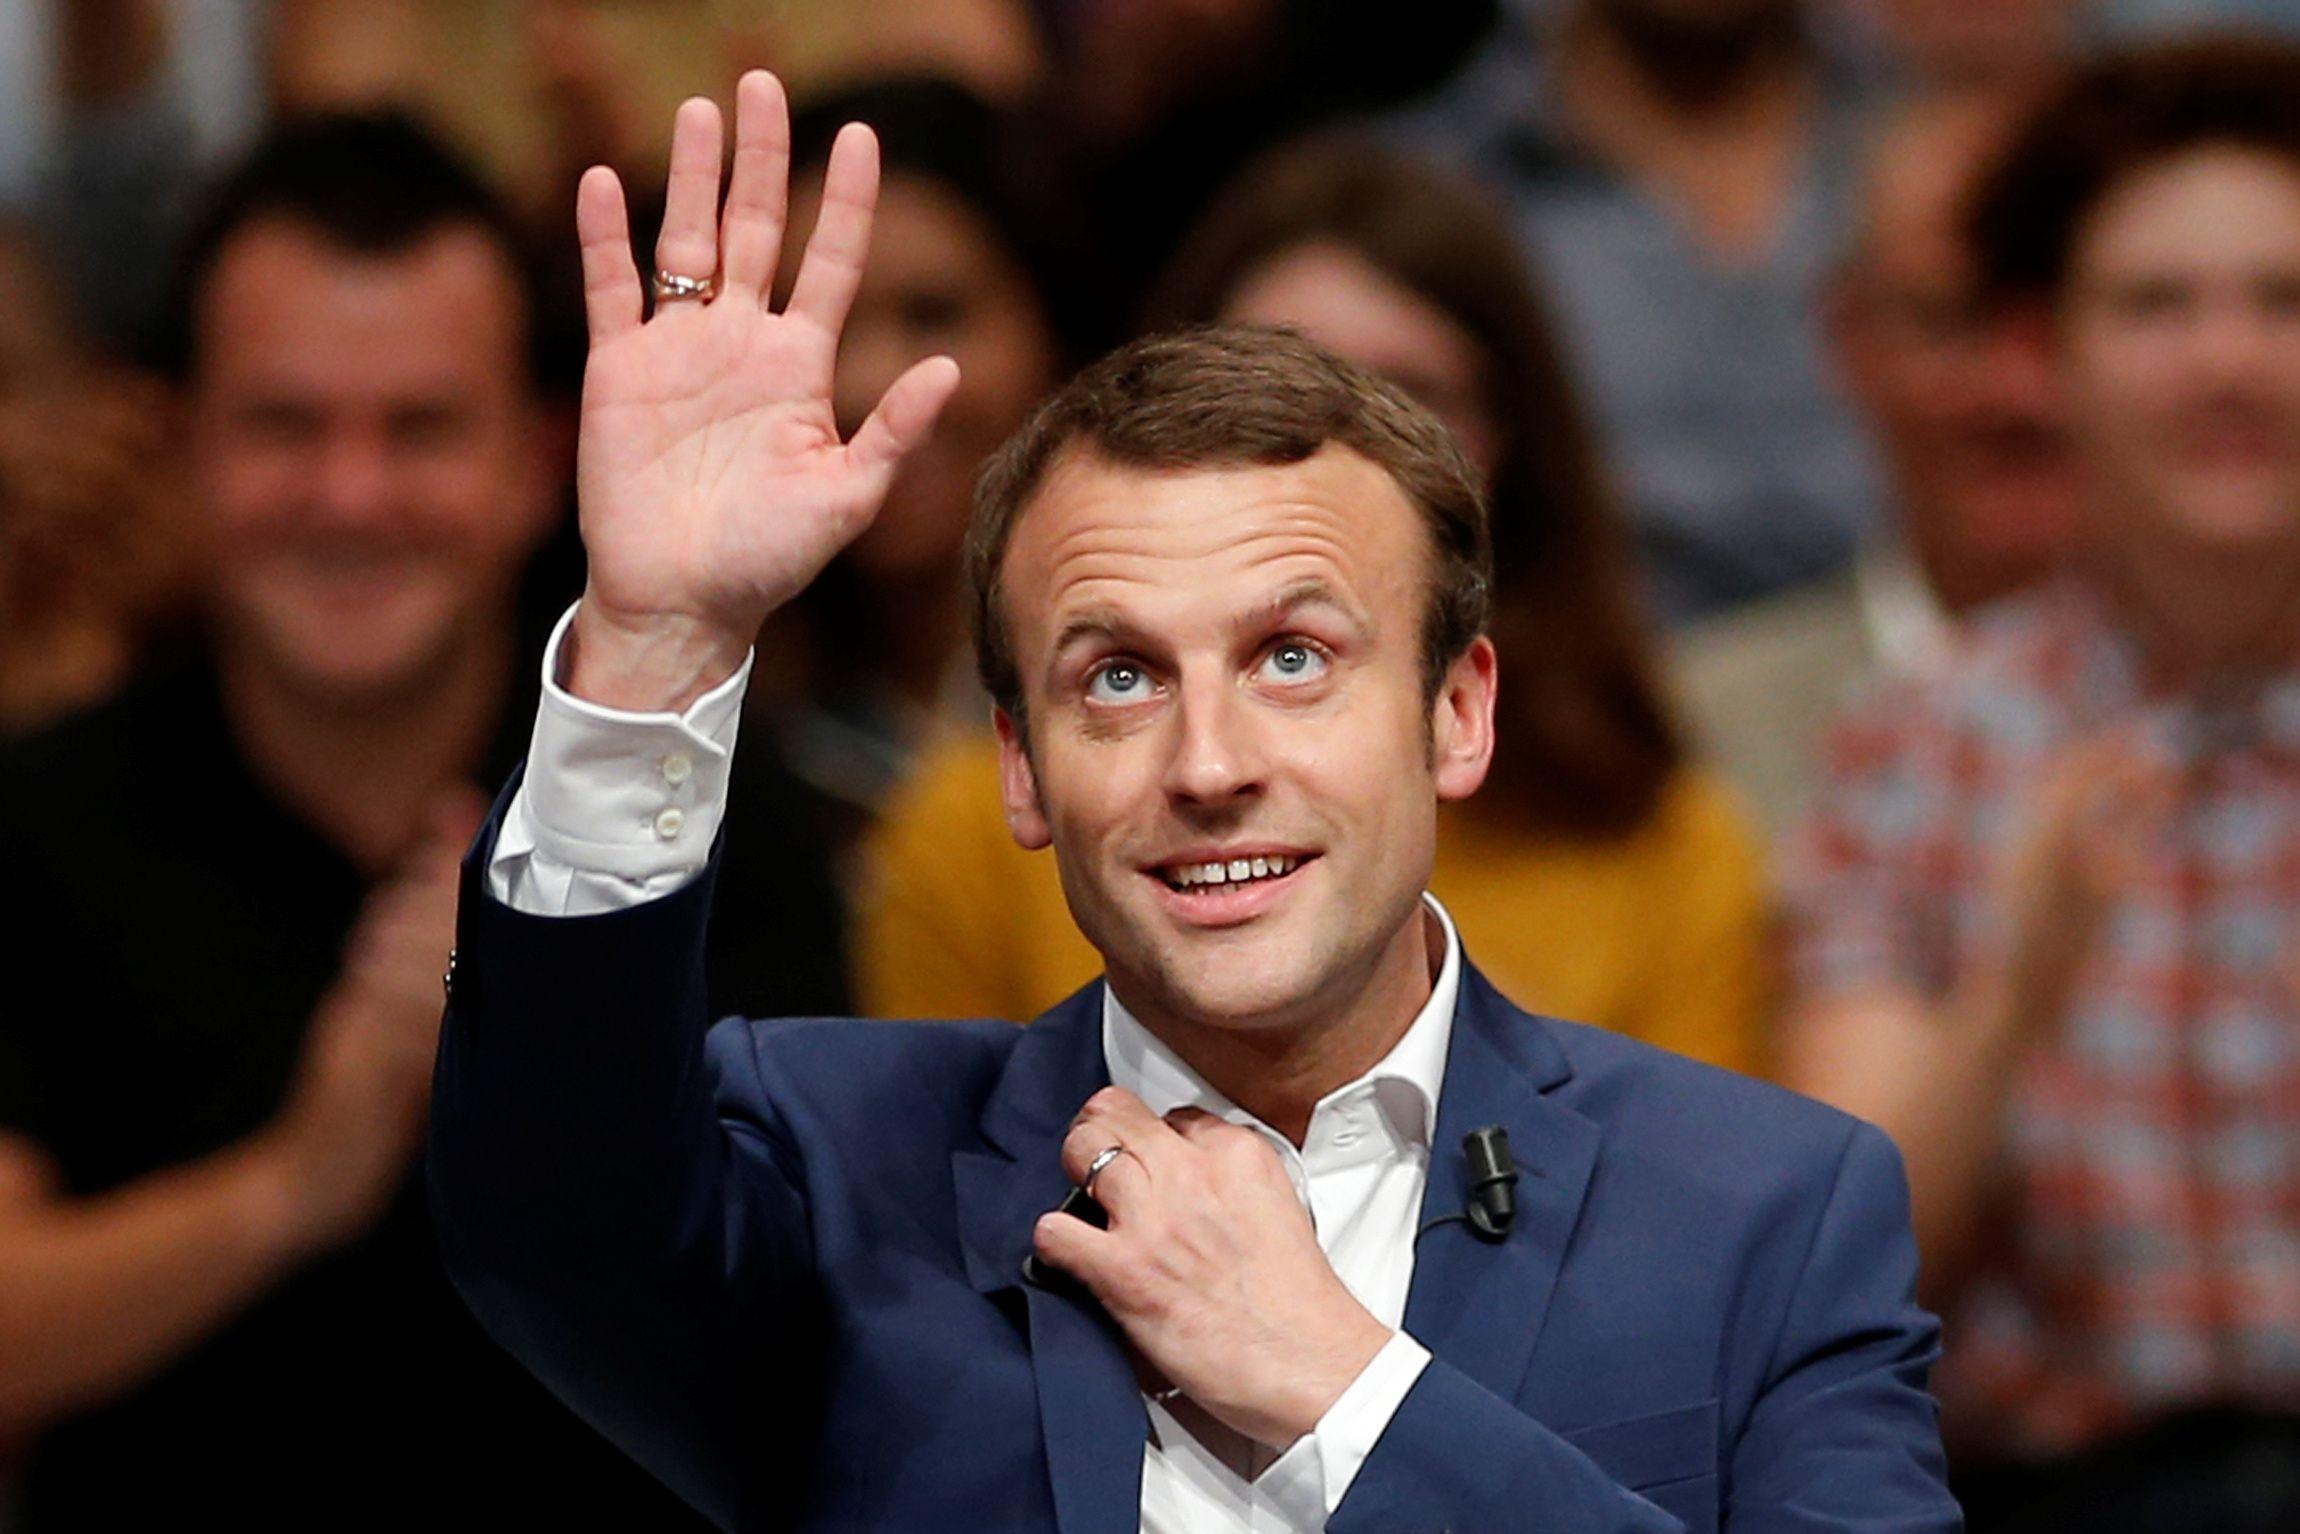 Pourquoi la popularité d'Emmanuel Macron a beaucoup à voir avec celle de Kim Kardashian (mais saura-t-il construire un empire aussi solide qu'elle?)